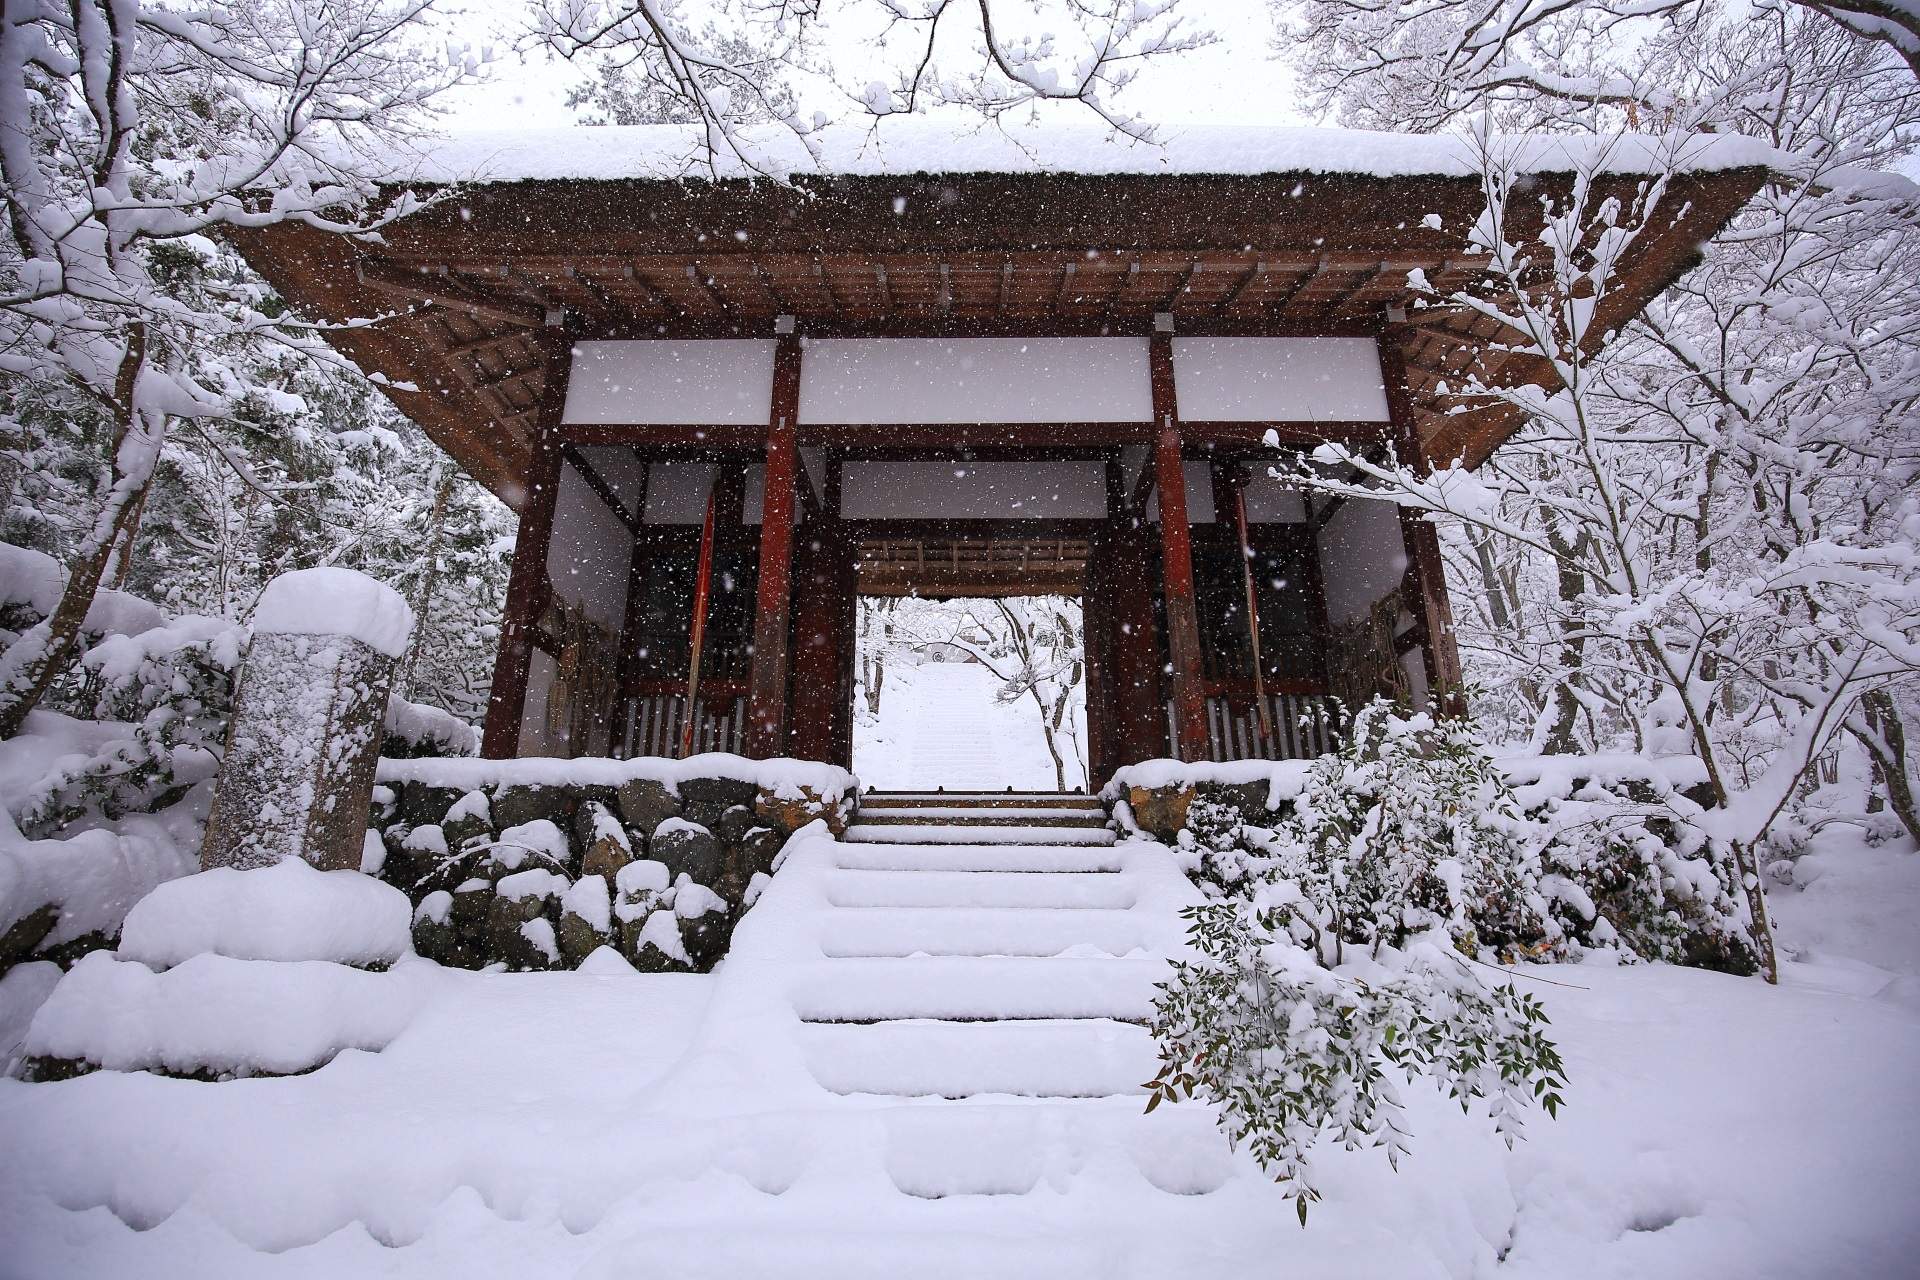 常寂光寺の茅葺屋根の山門の見事な雪景色